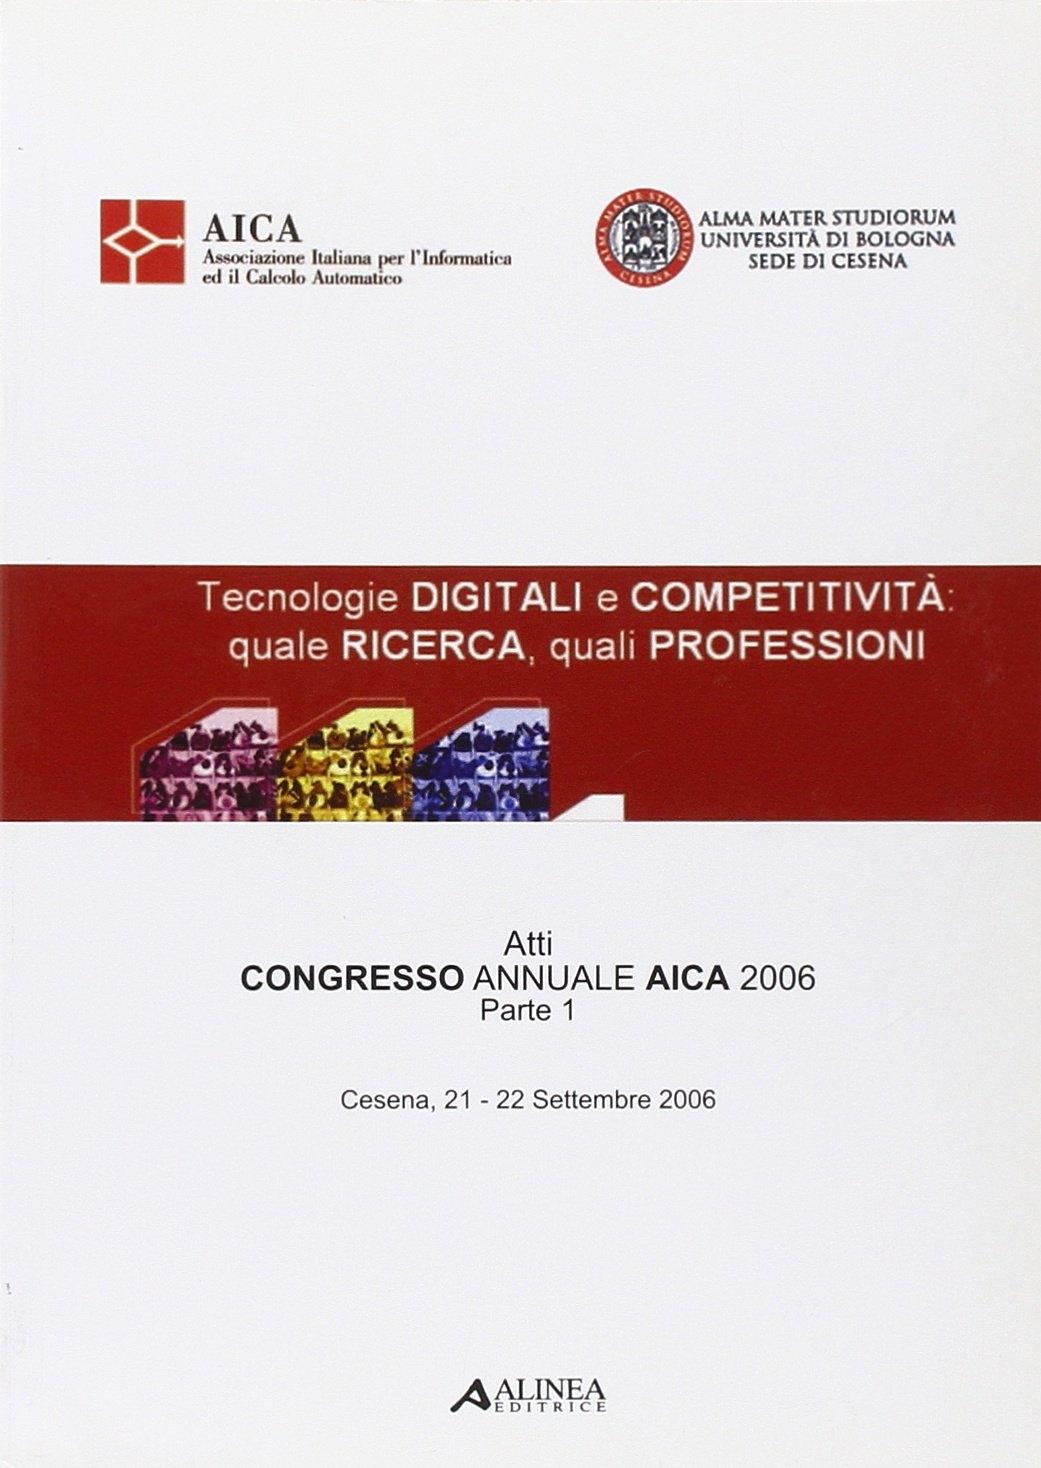 Tecnologie digitali e competitività. Quale ricerca, quali professioni. Atti del Congresso AICA (2006)